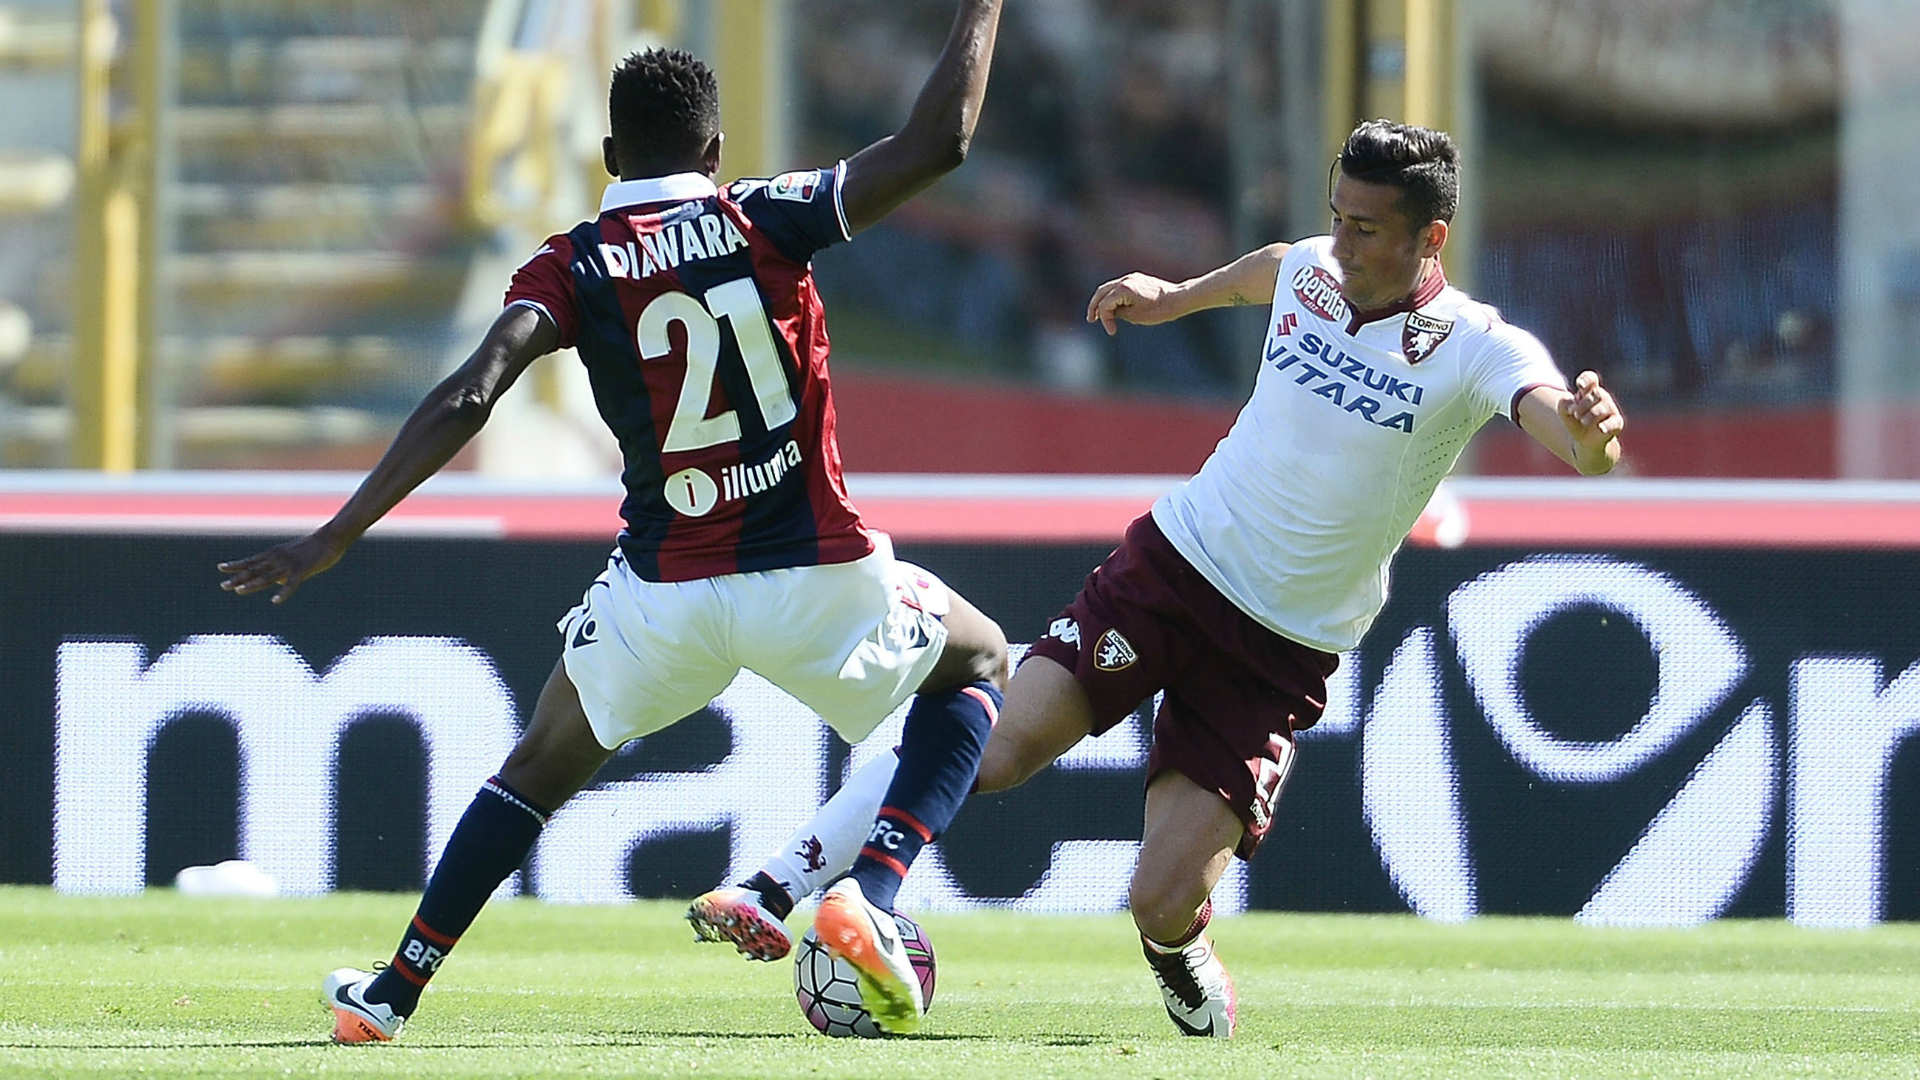 Bologna pronto a far causa a Diawara